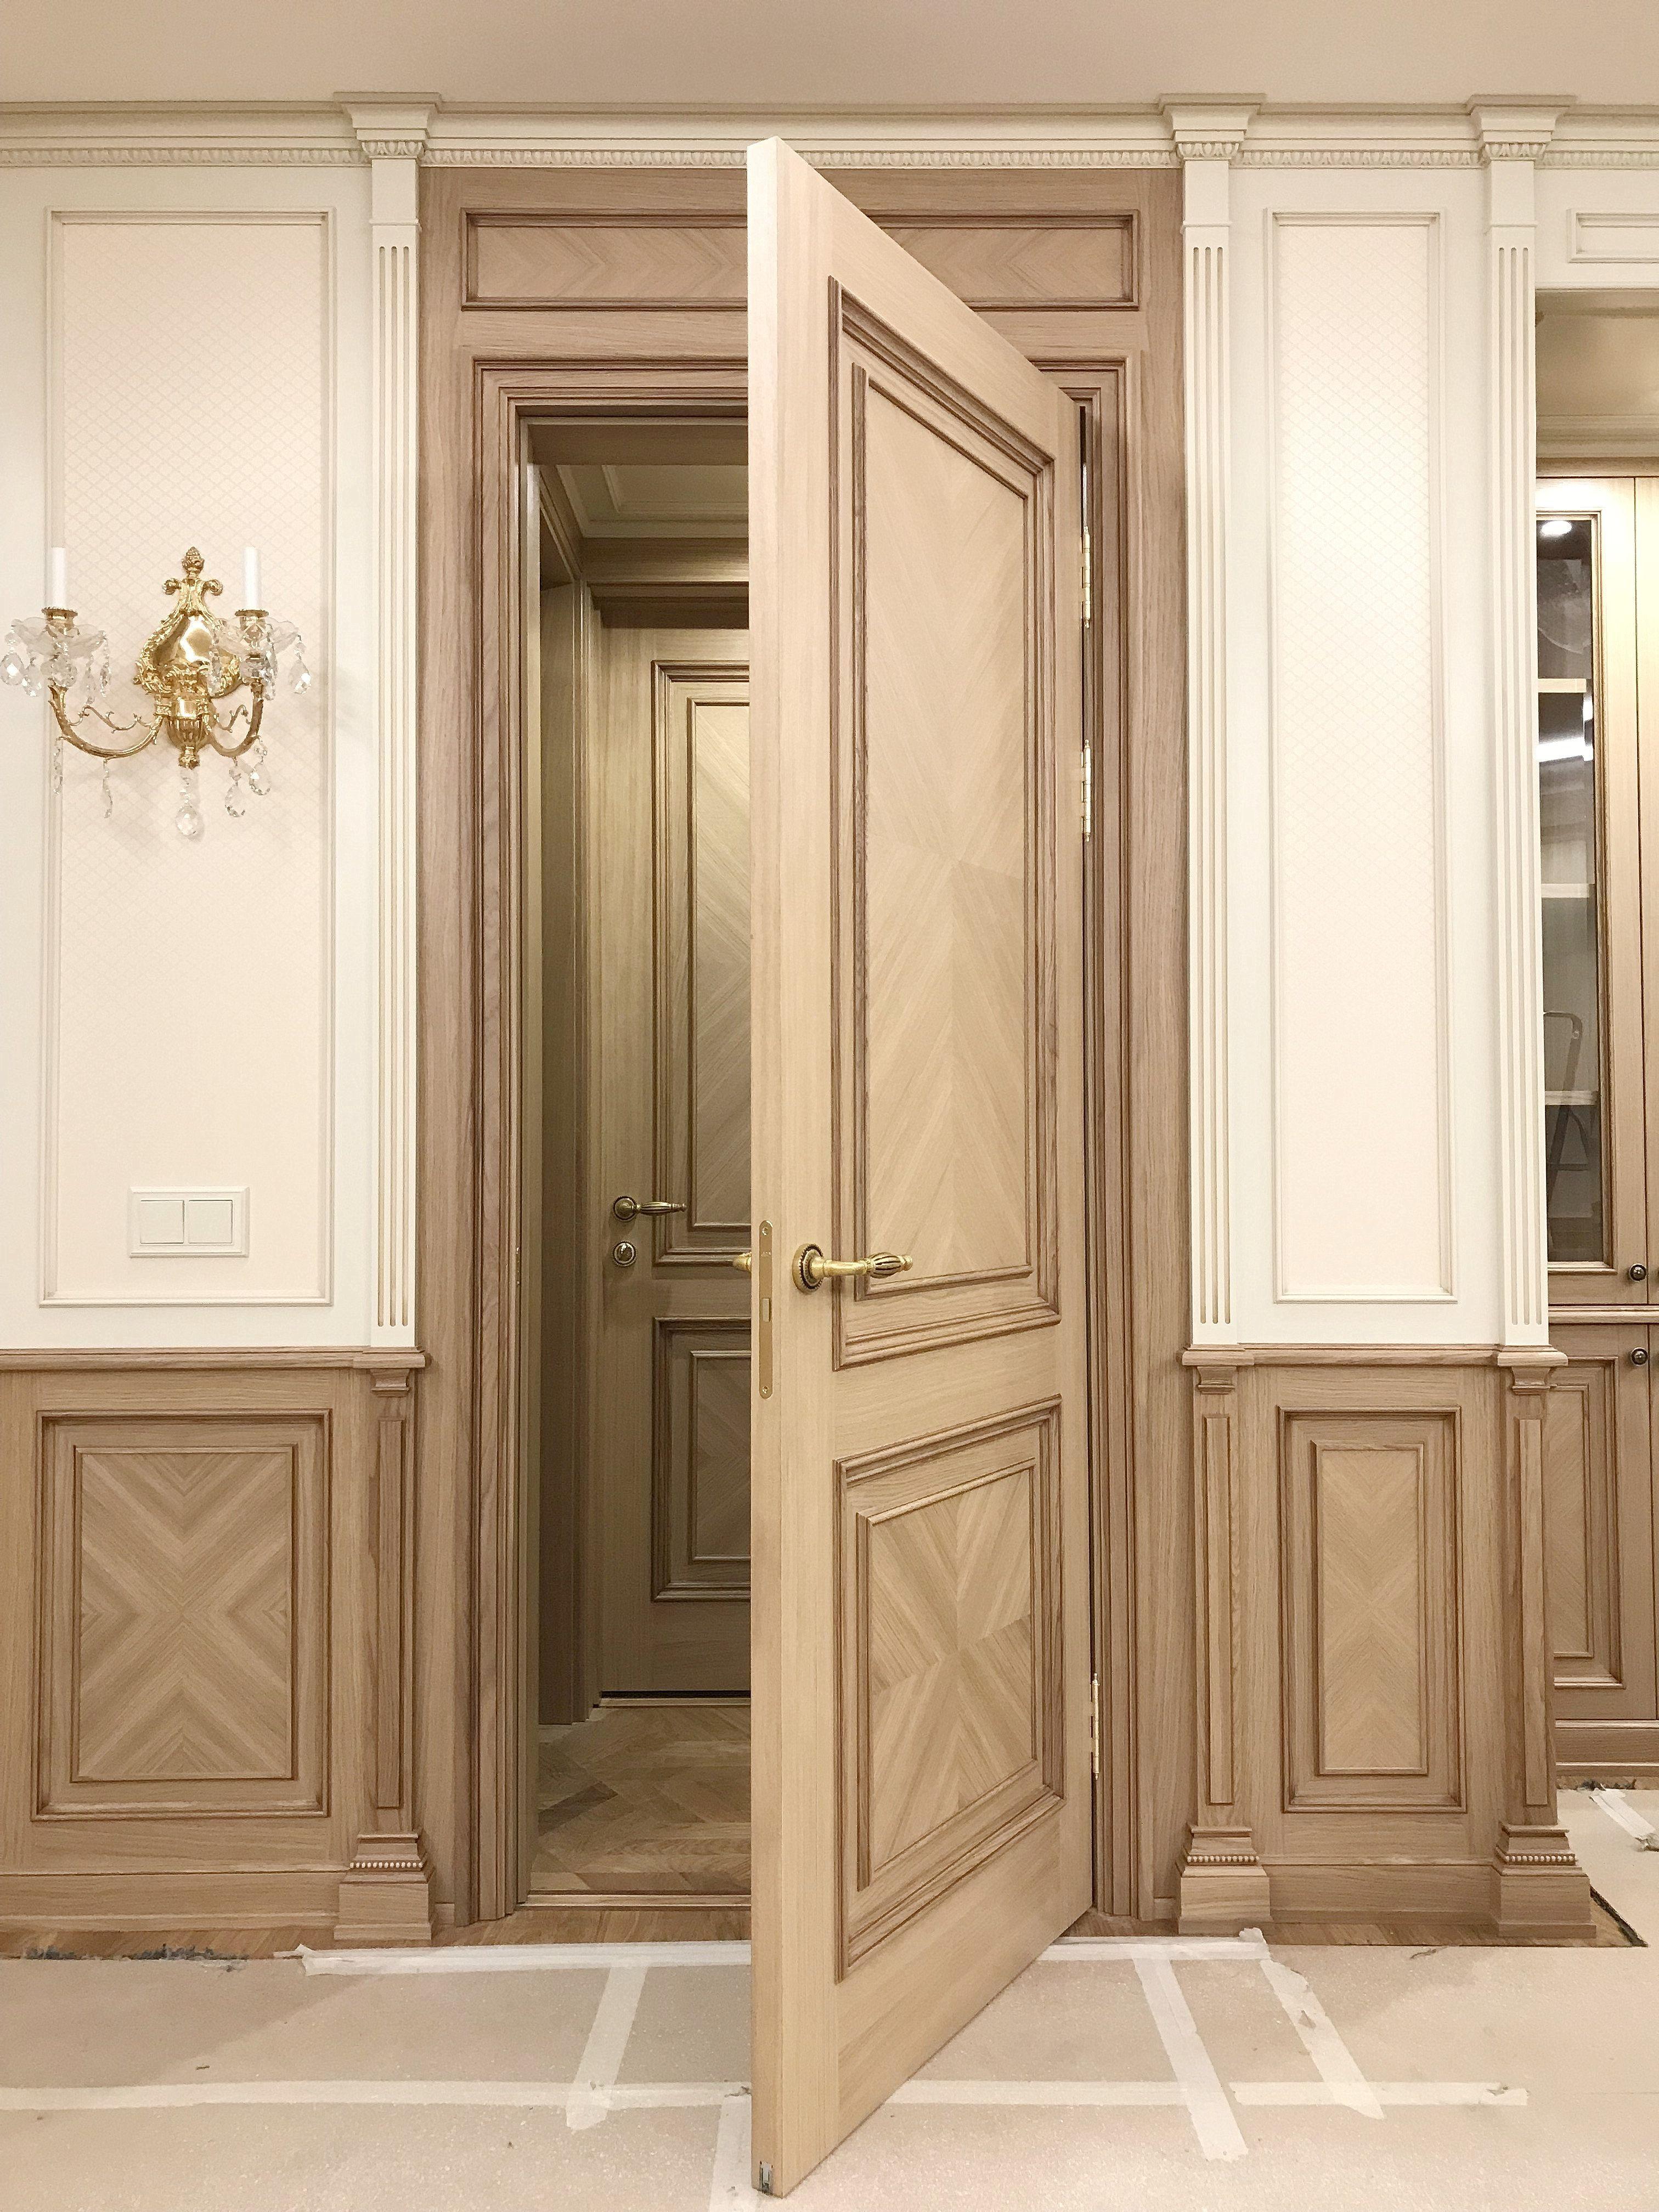 Solid Wood Exterior Doors 3 Panel Interior Door Doors Online Wooden Doors Interior Wood Doors Interior Doors Interior